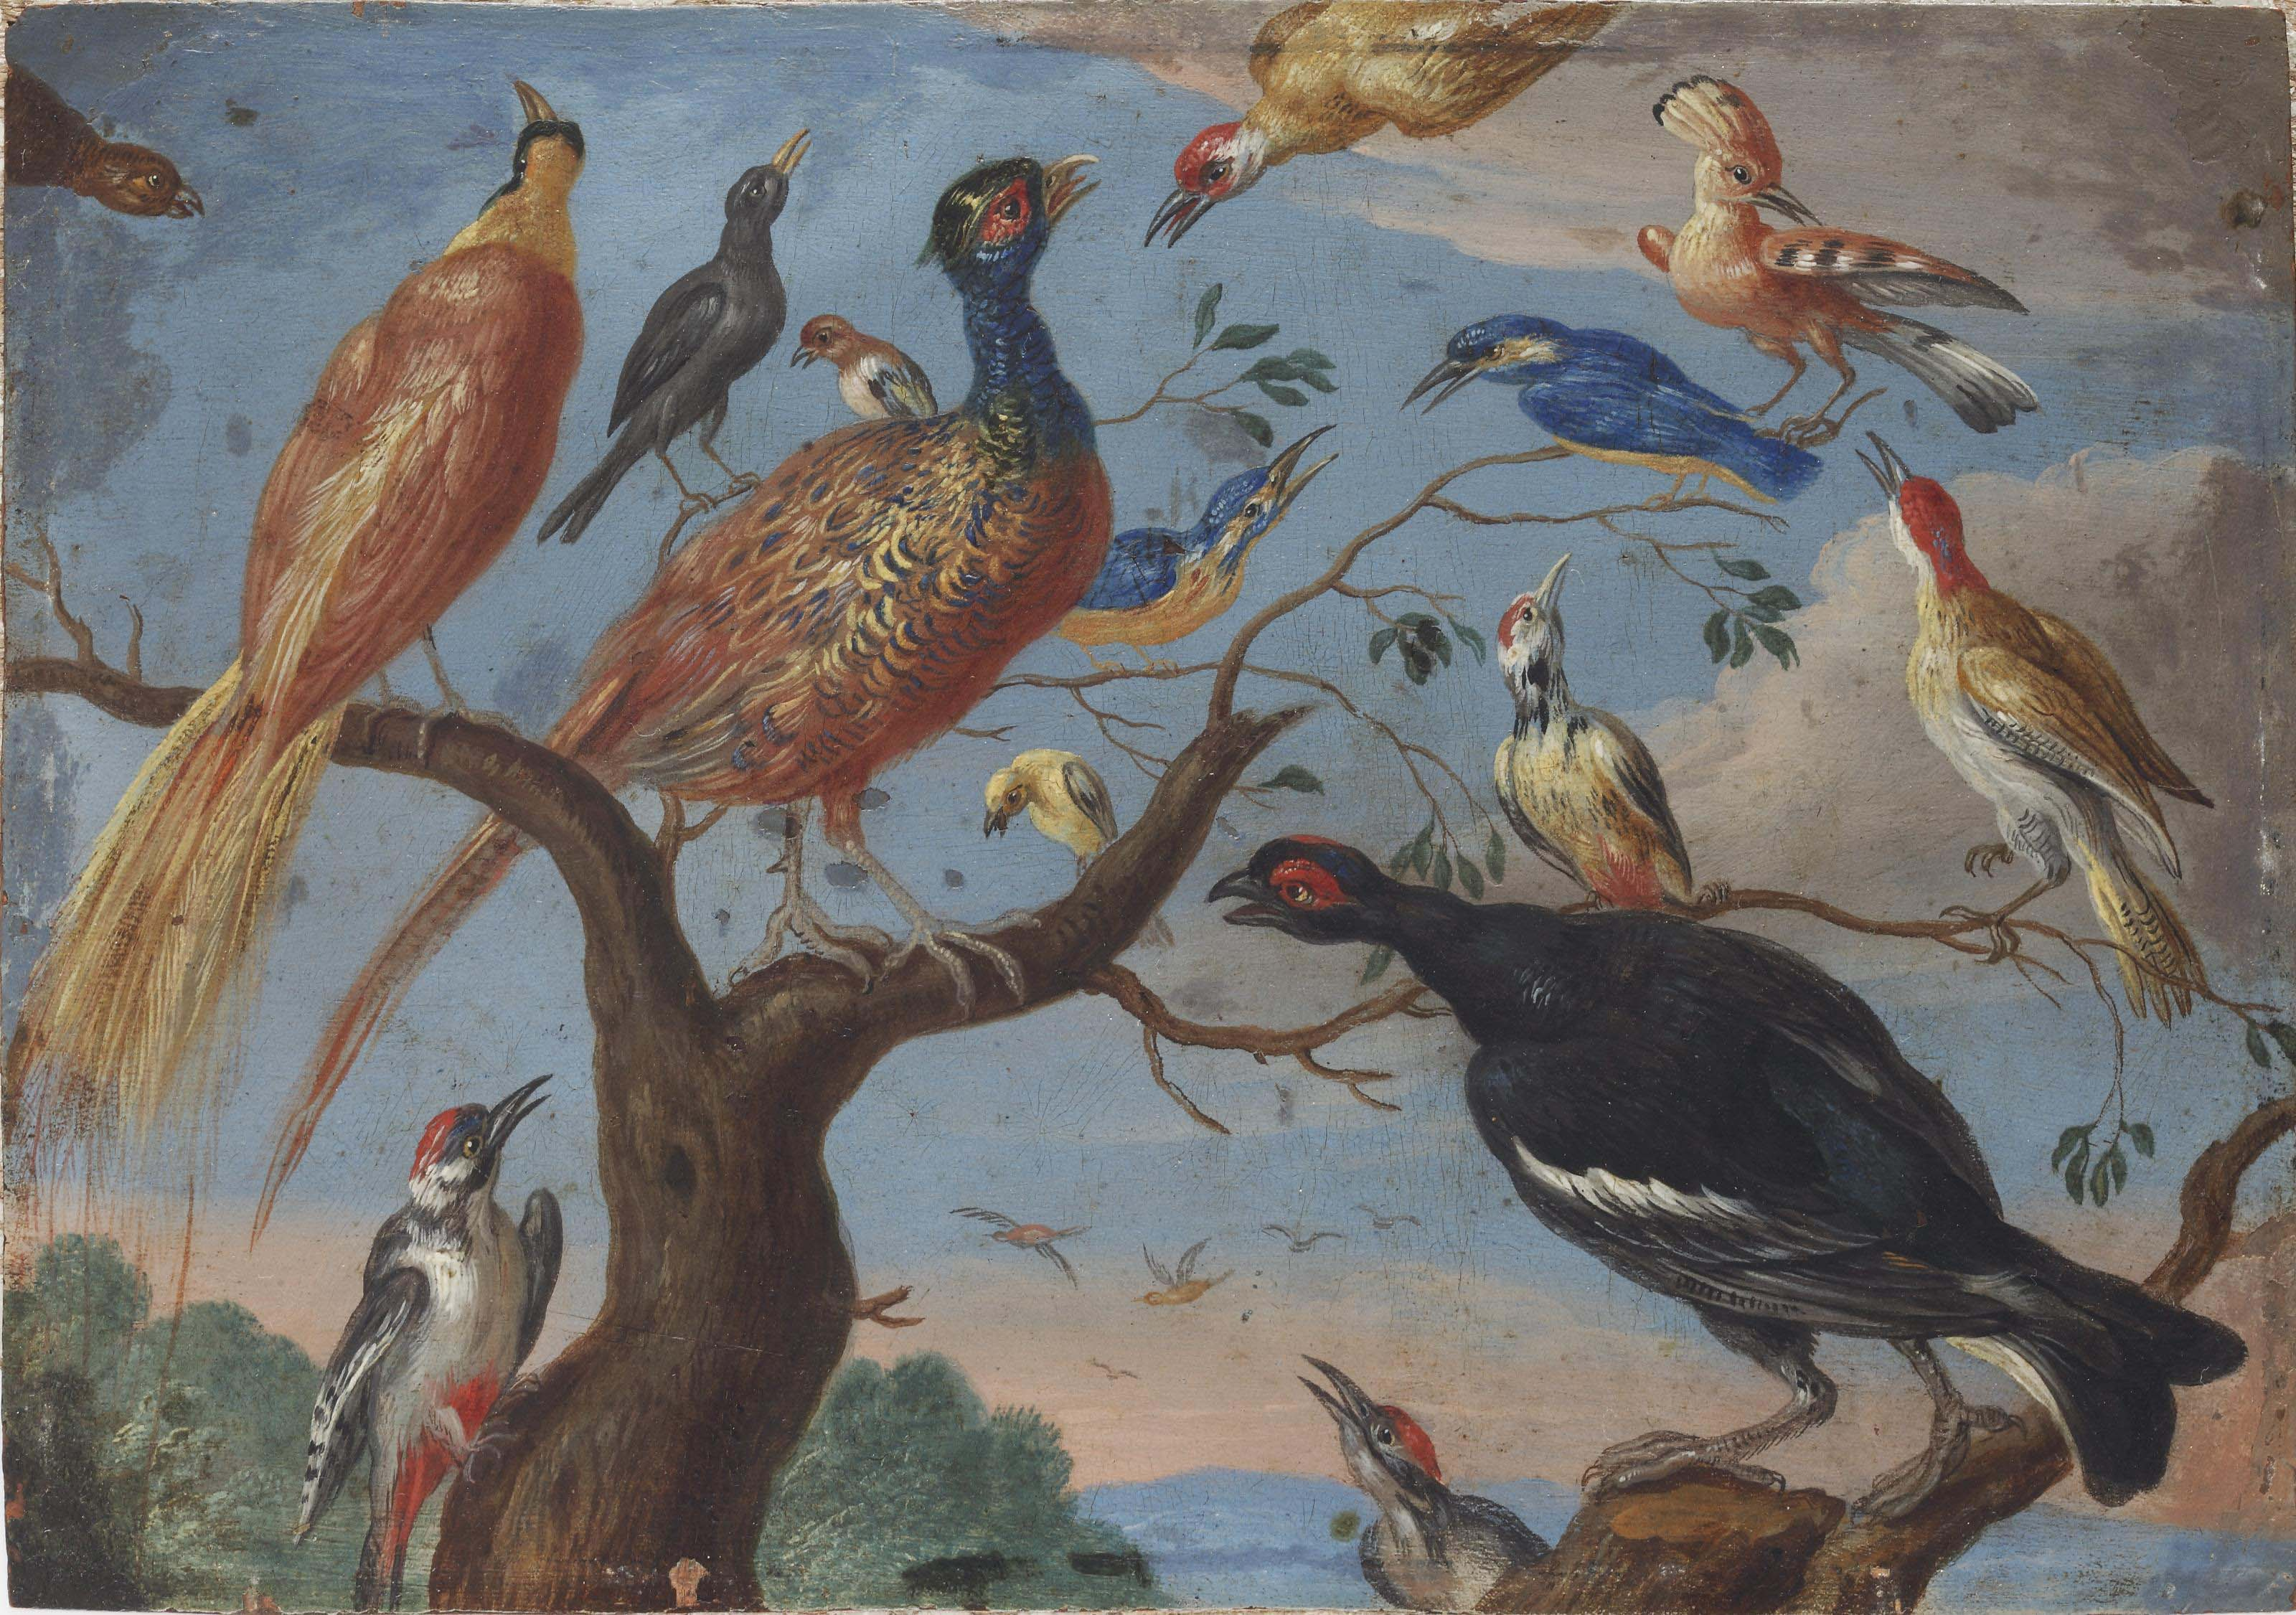 Bird 09 Van Kessel, Jan (1626 - 1679) - A Concert of Birds (1660)